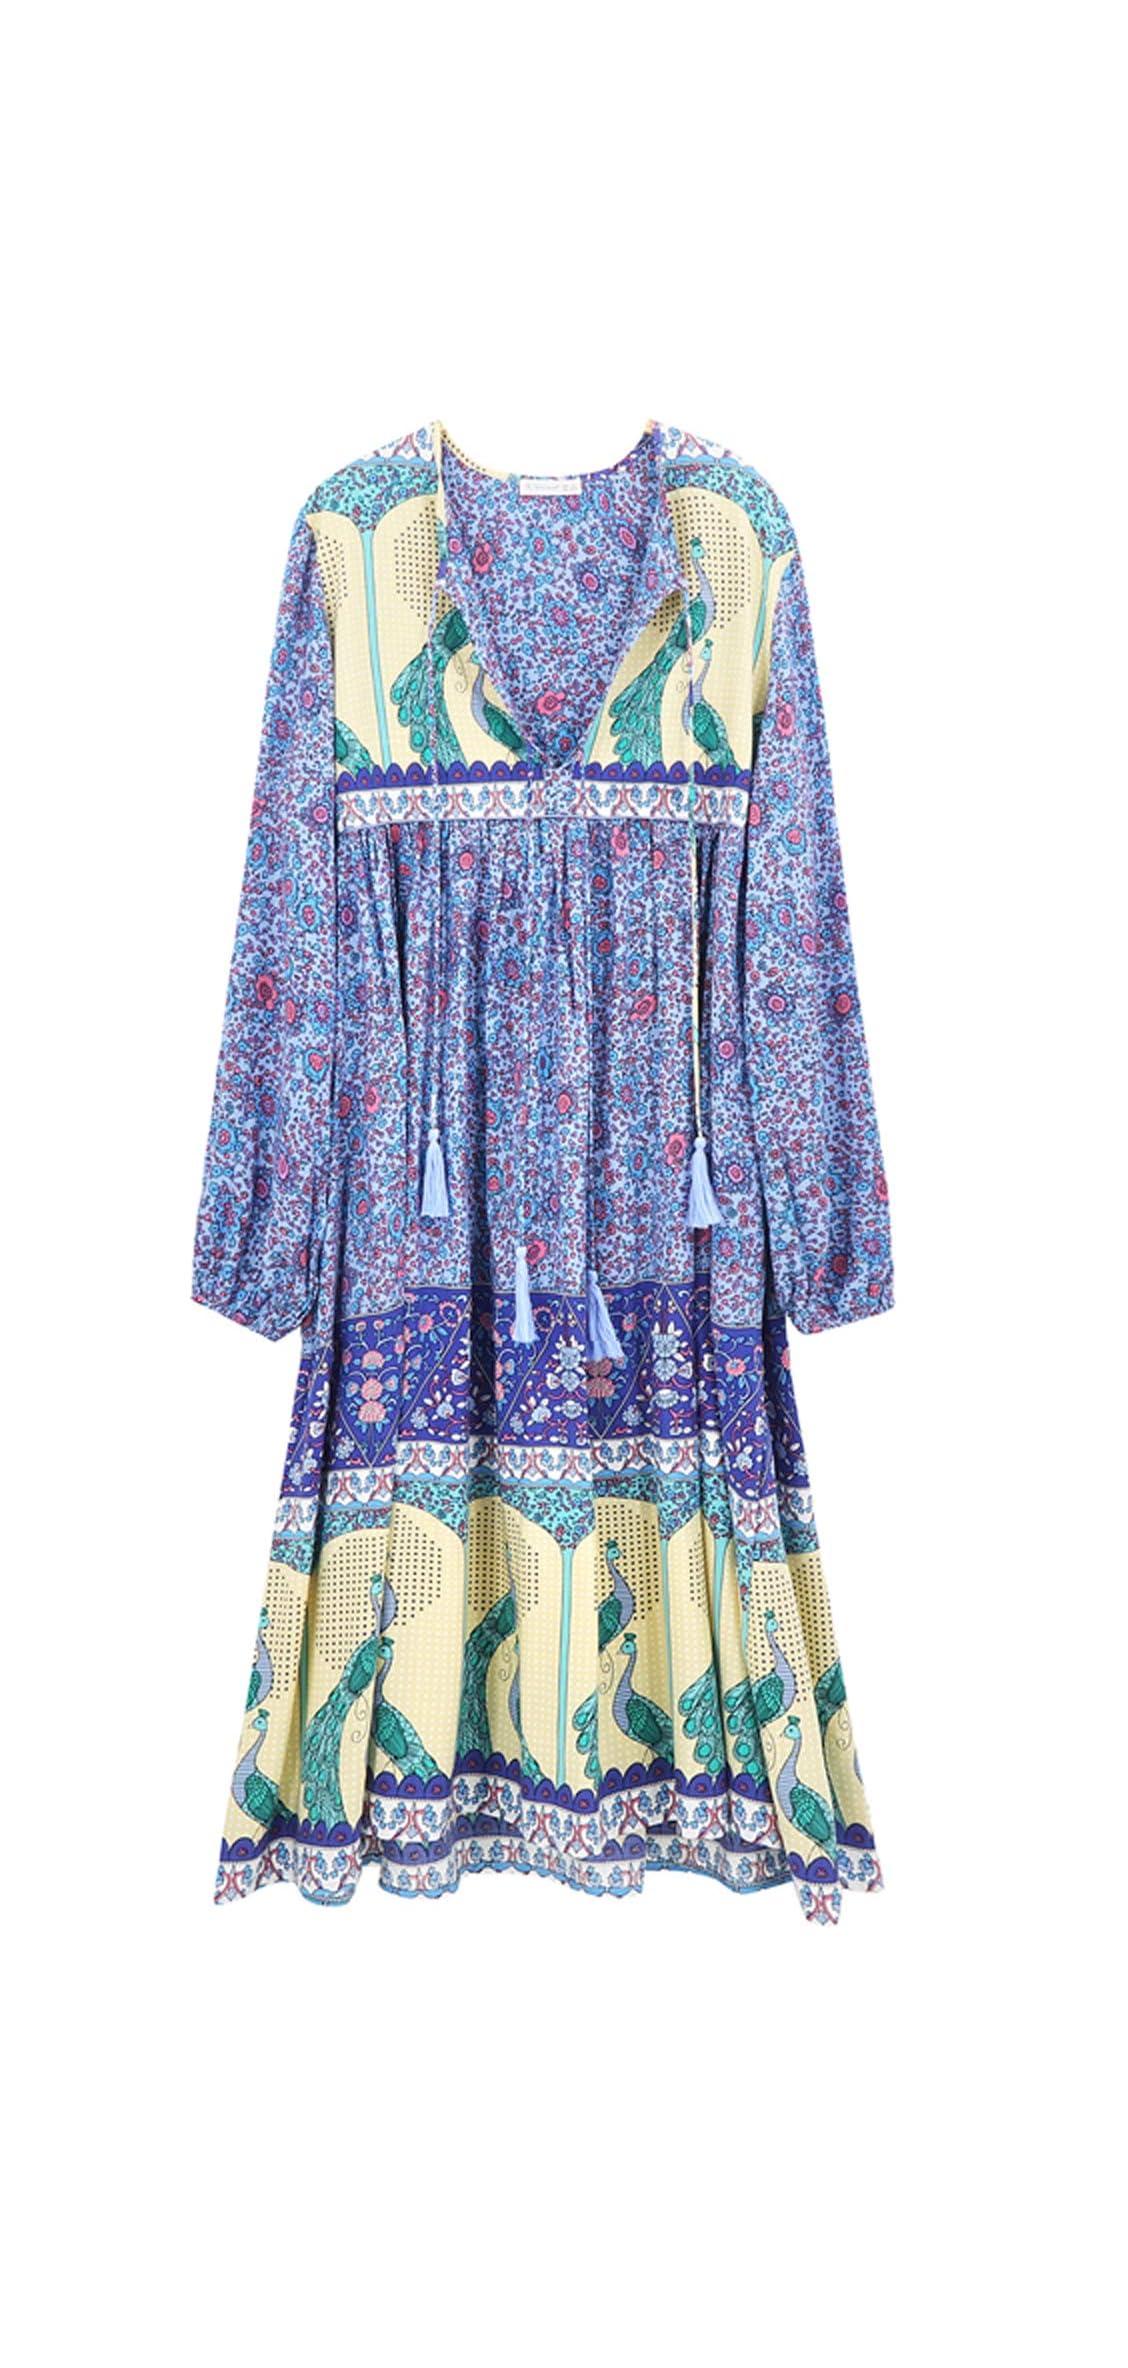 Women's Long Sleeve Floral Print Retro V Neck Tassel